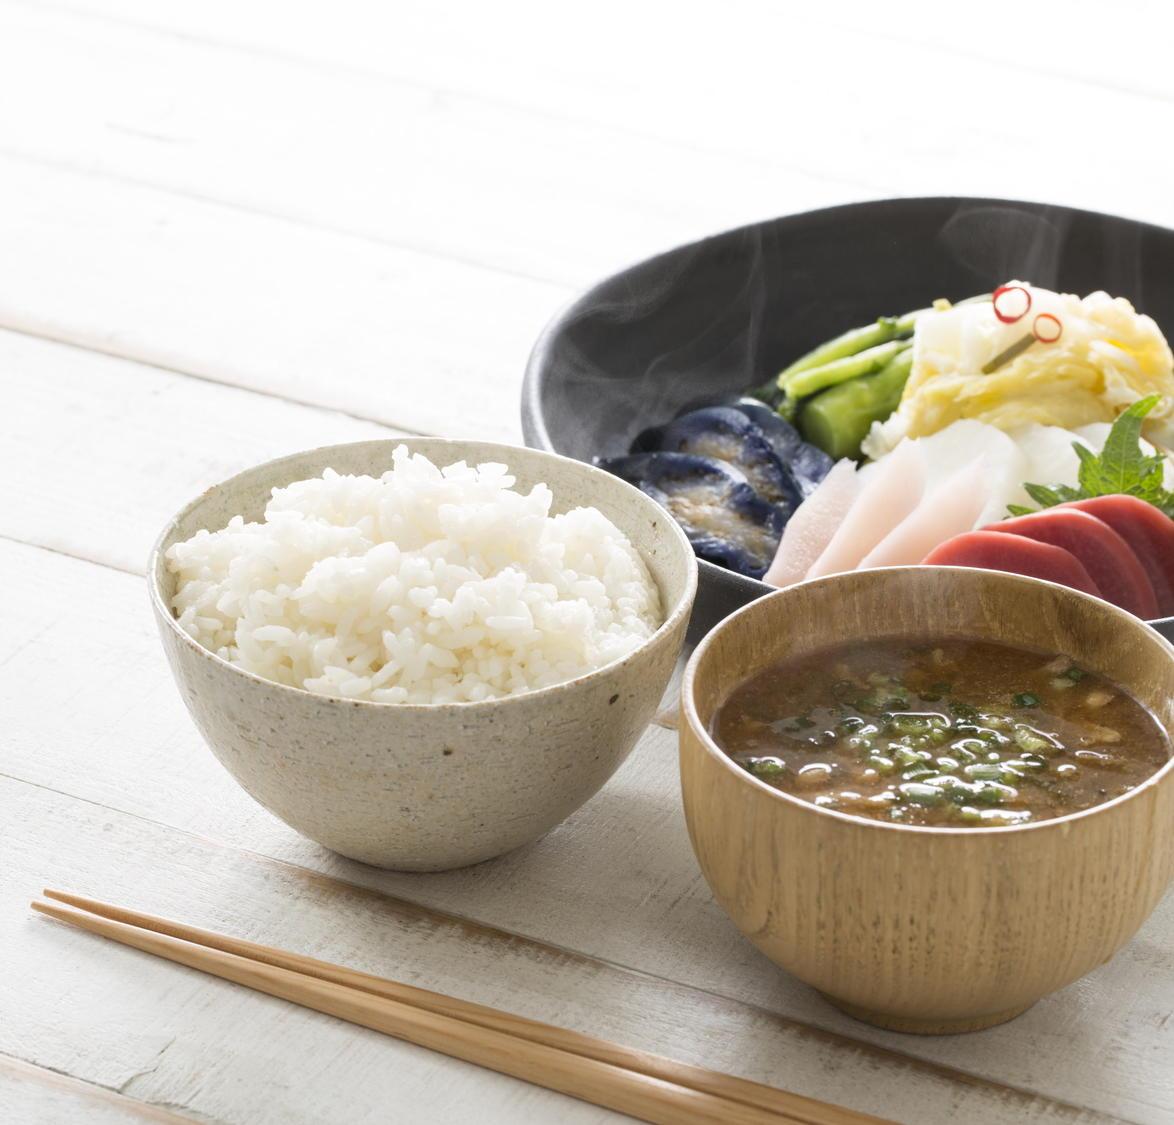 日本食で健康長寿を延ばせる 日本から世界へ「スローカロリー」を発信